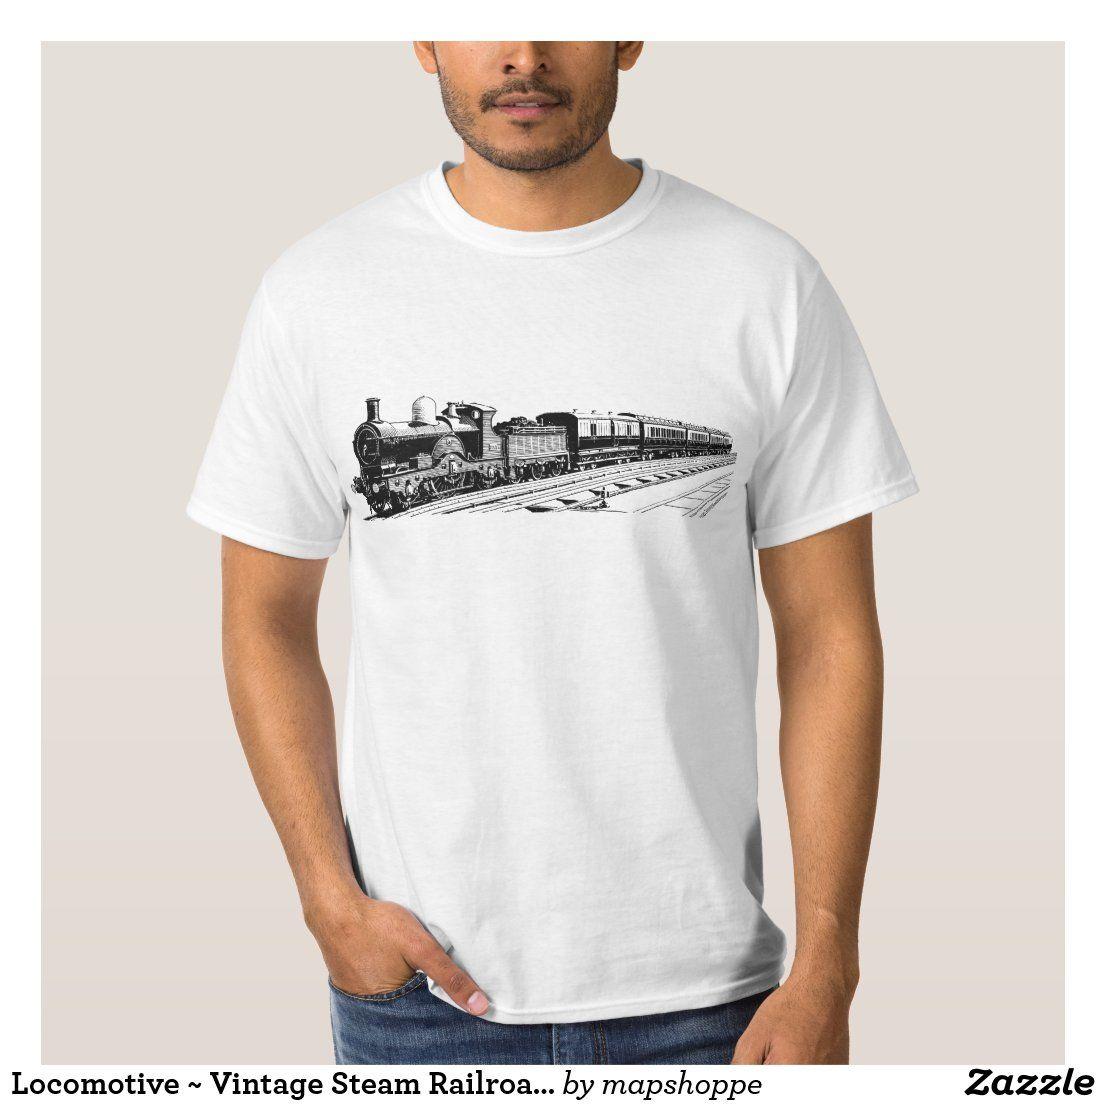 Train BR rail railway steam loco models t shirt